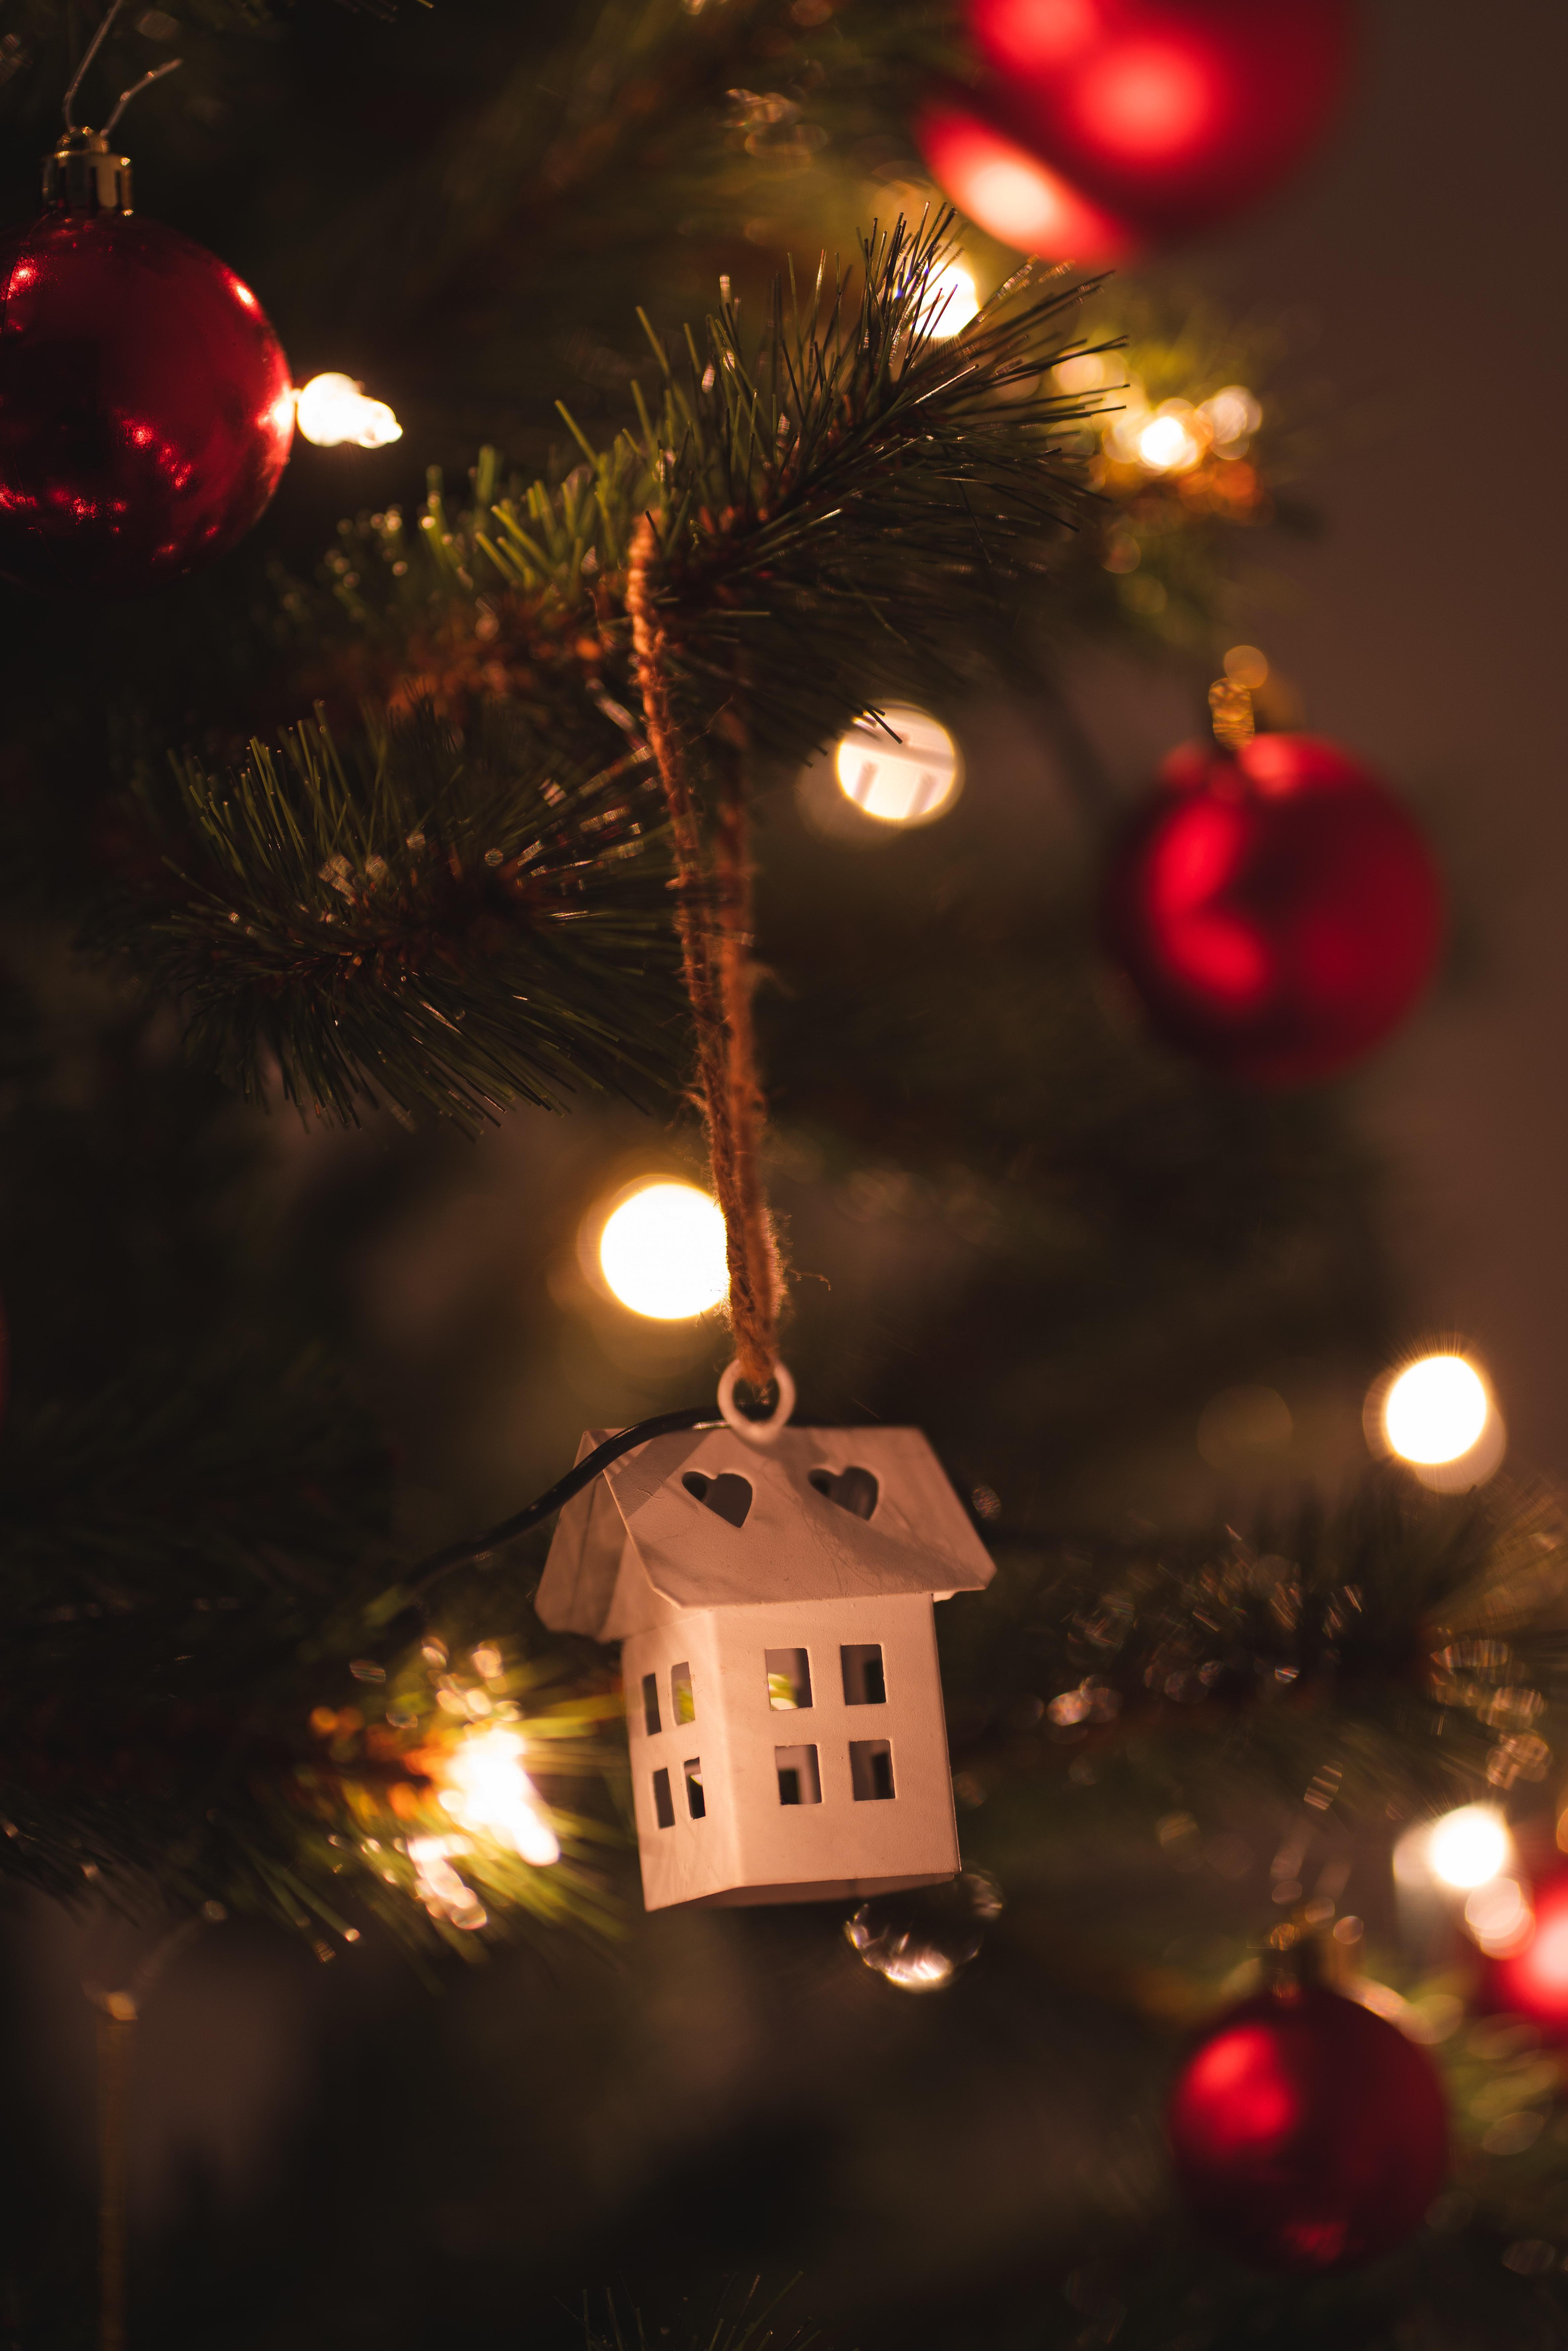 142619 скачать обои Домик, Праздники, Рождество, Новый Год, Елка, Украшение, Гирлянды - заставки и картинки бесплатно